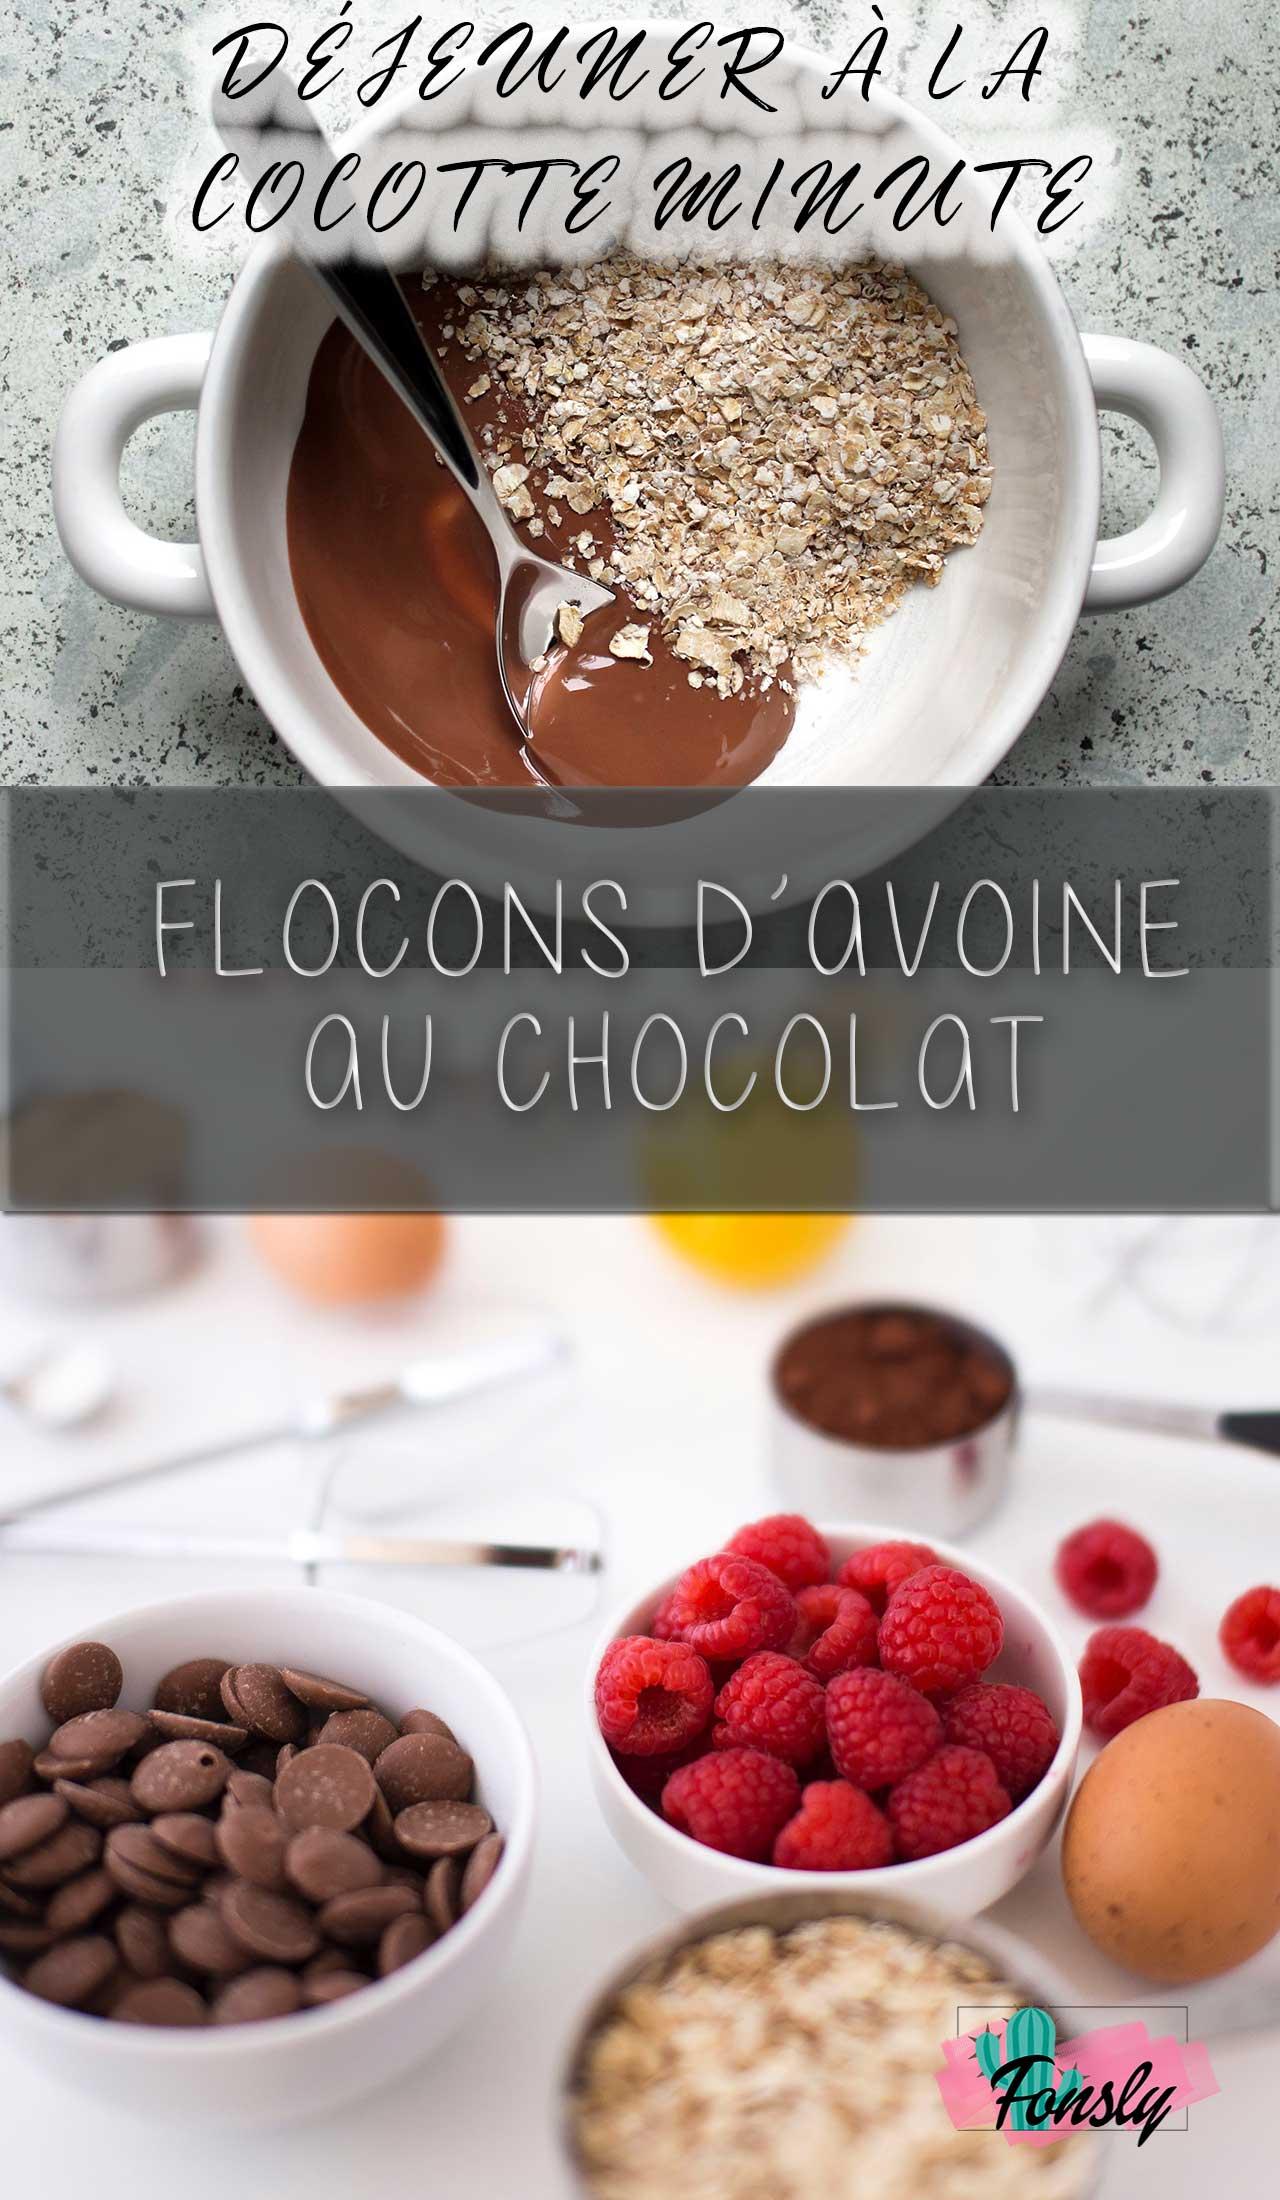 déjeuner pour l'autocuiseur, instant pot avoine et chocolat